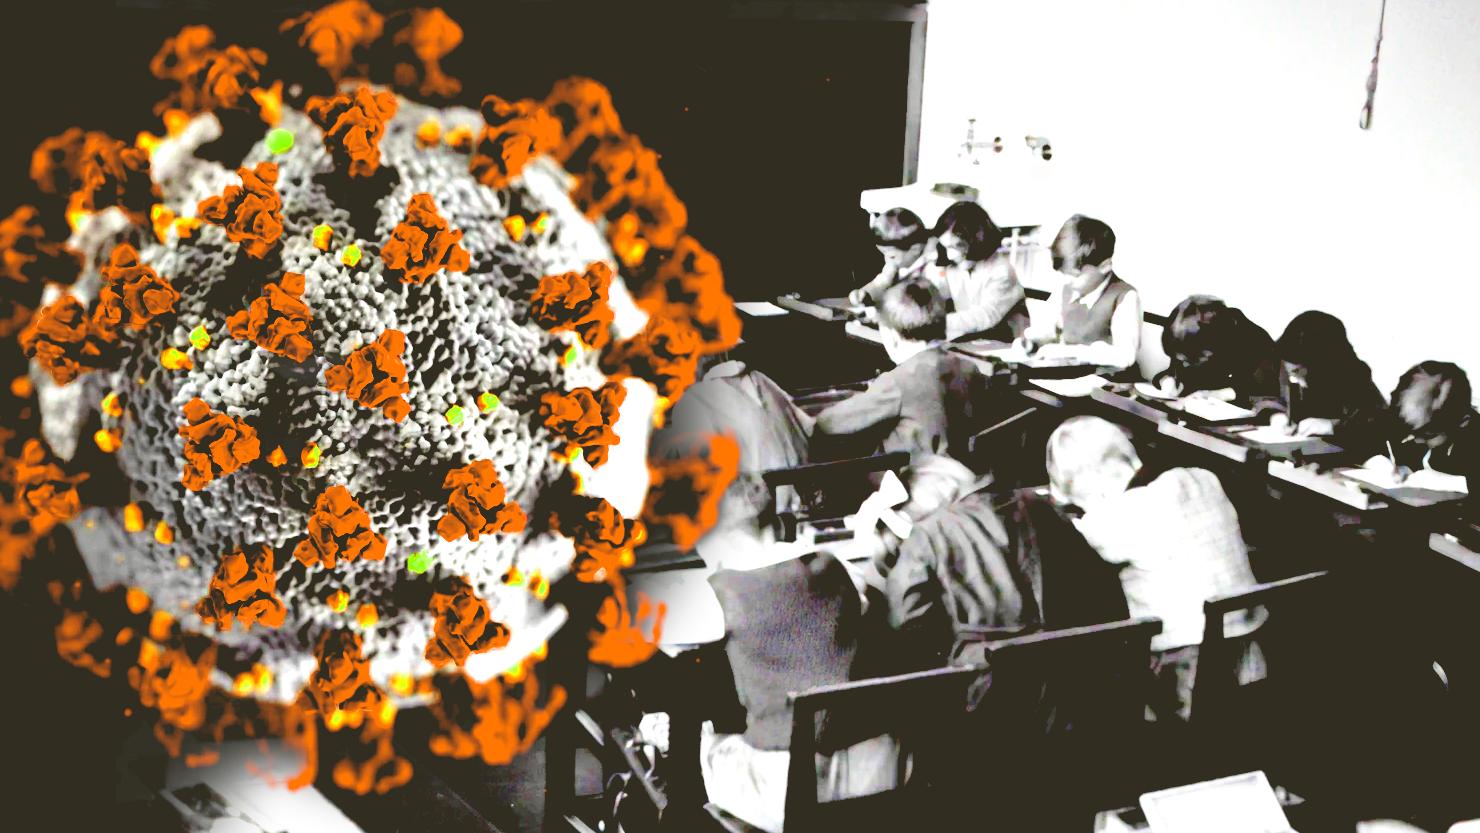 Auf dem Bild sieht man eine Schulklasse und ein Coronavirus